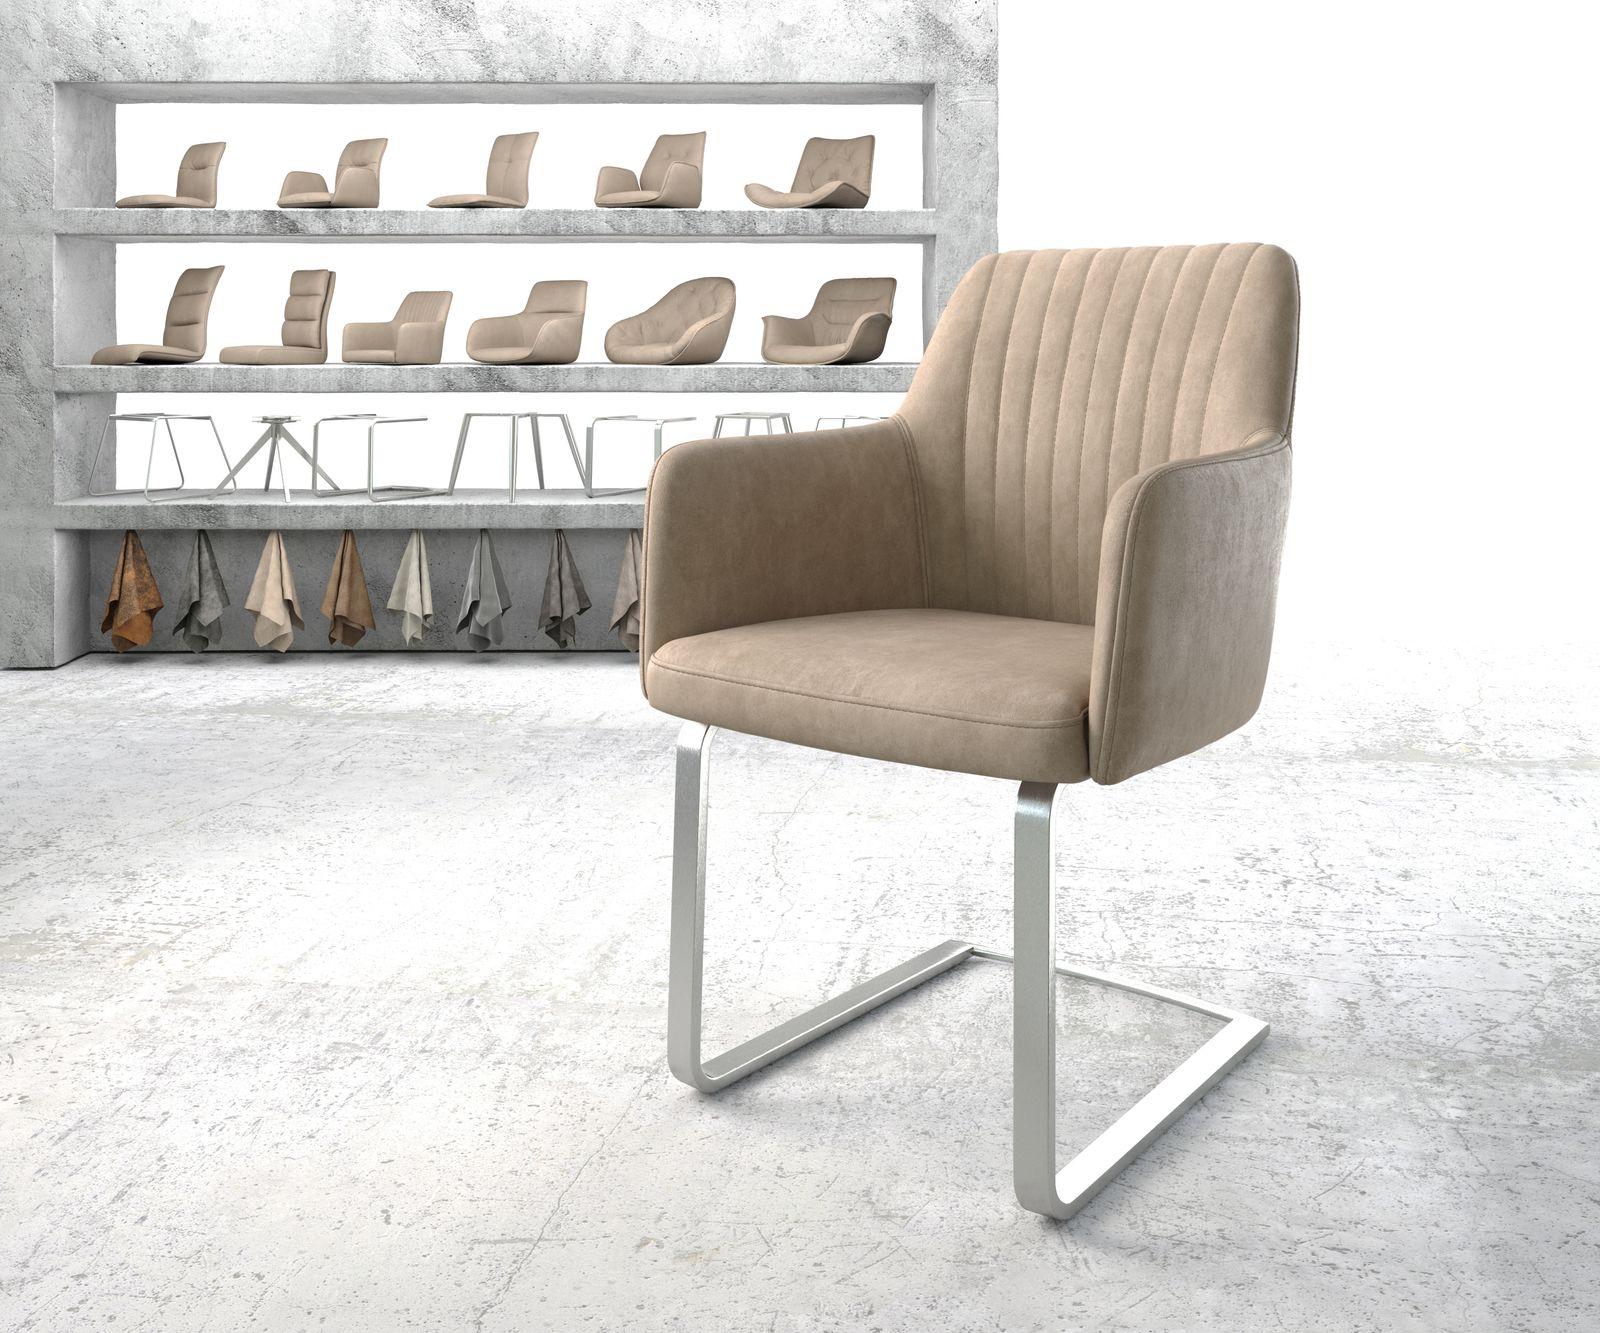 delife-armlehnstuhl-greg-flex-beige-vintage-freischwinger-flach-edelstahl-esszimmerstuhle